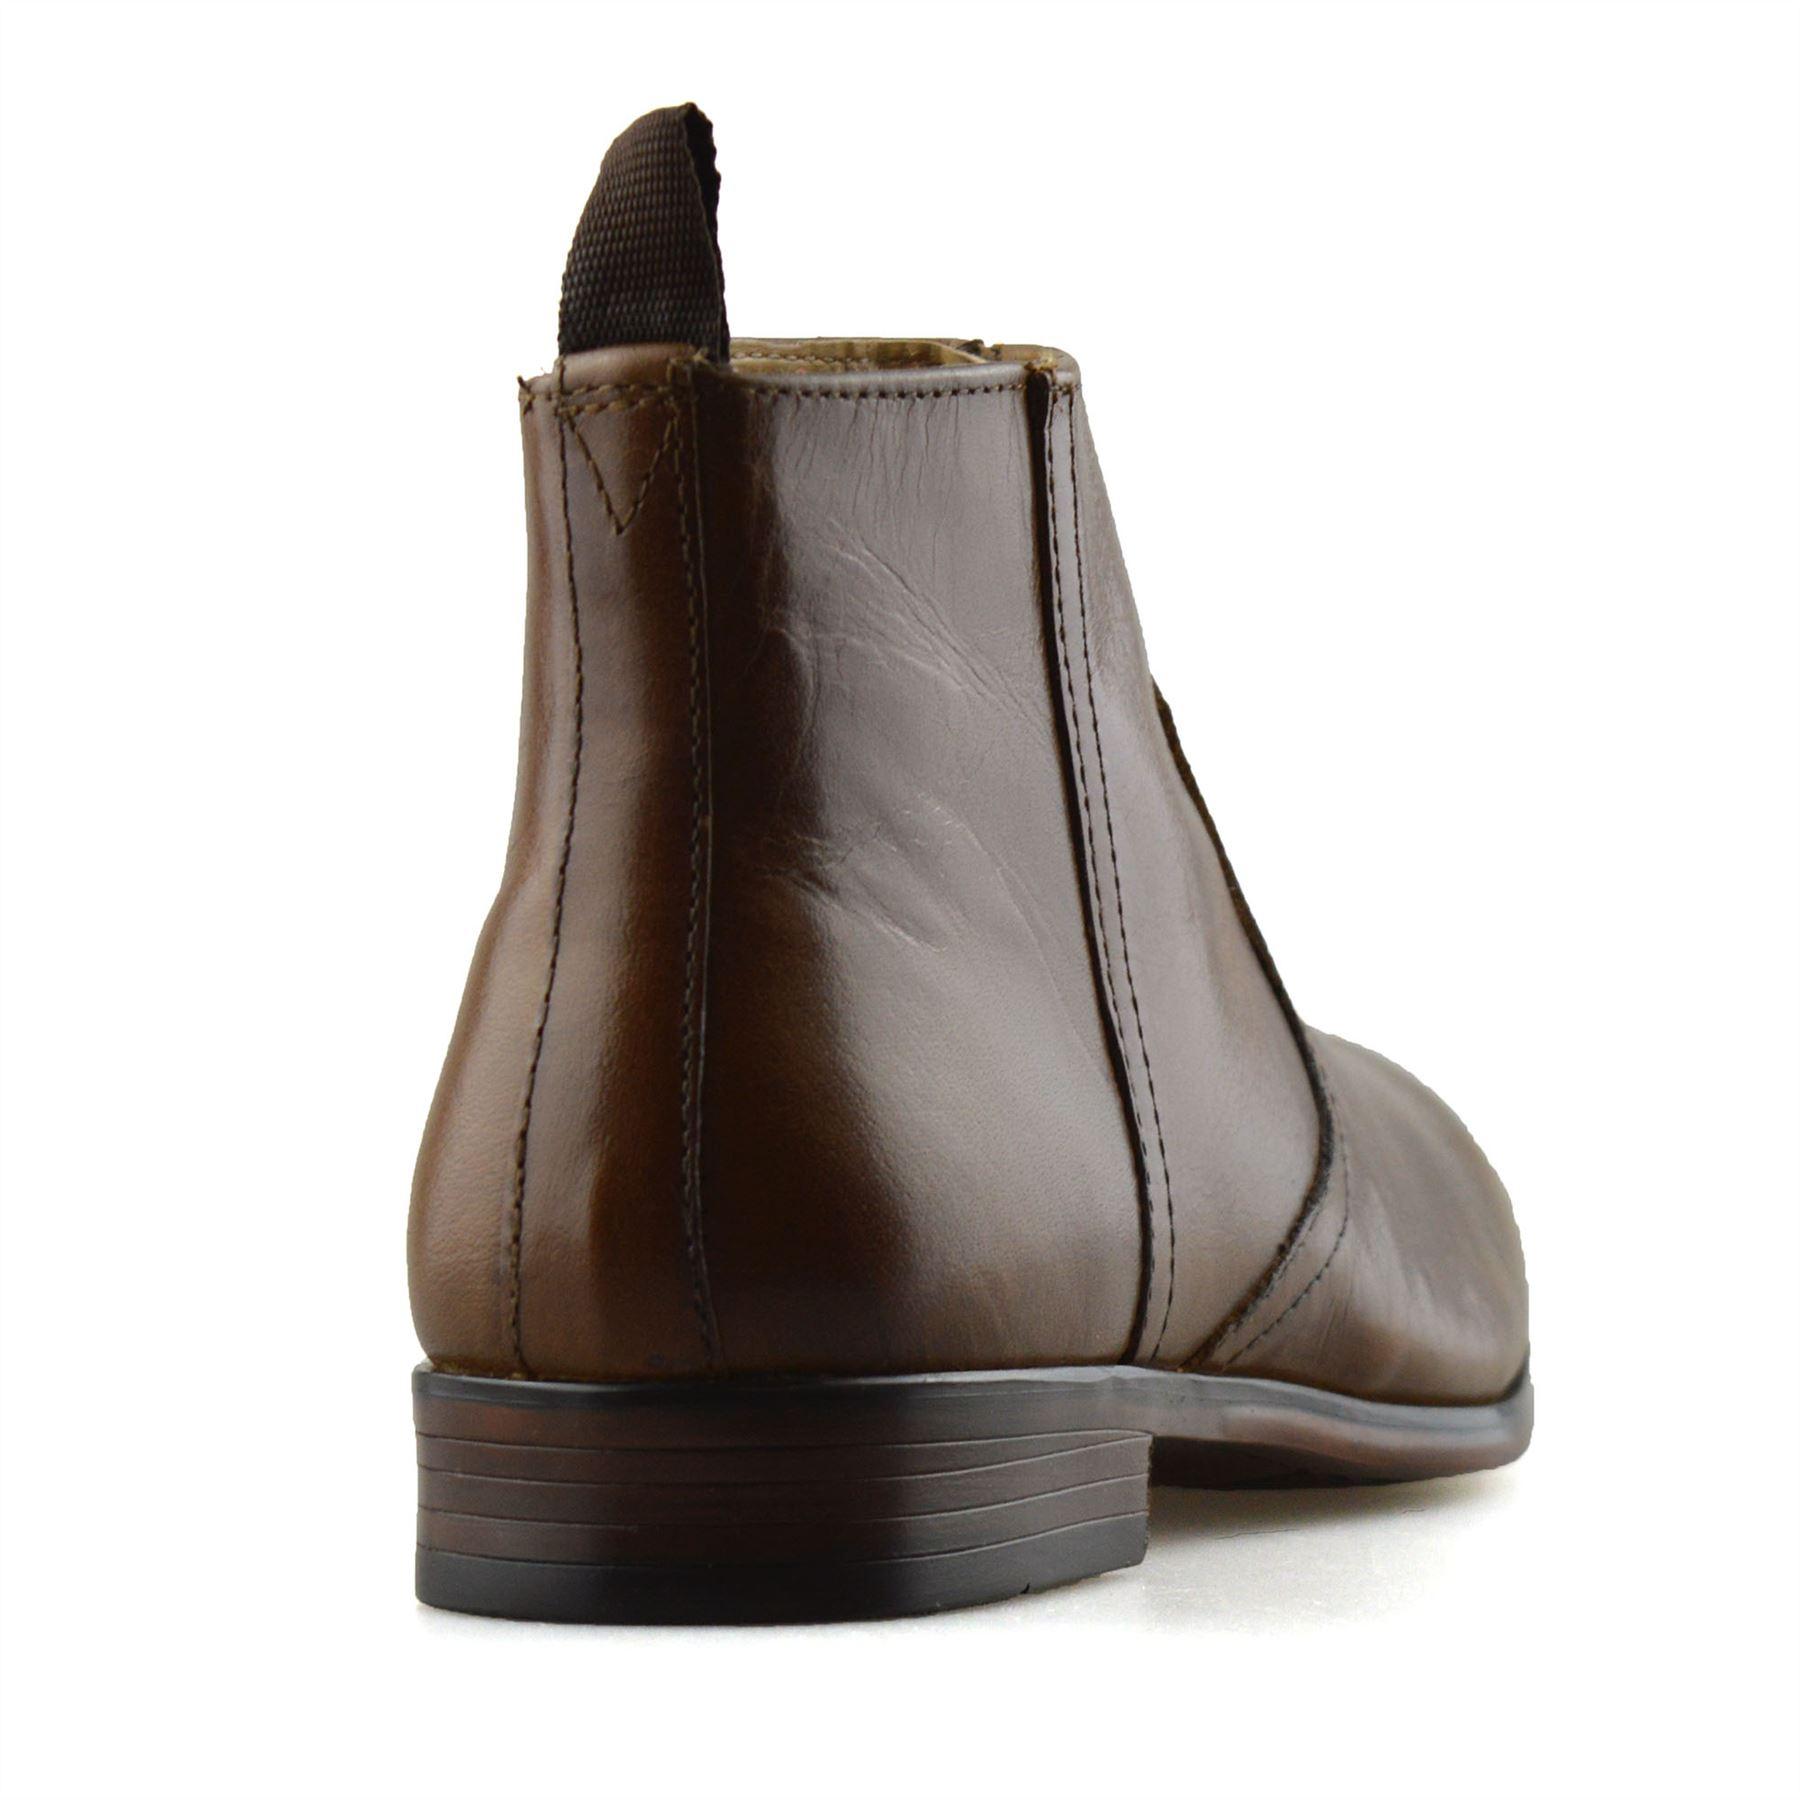 Hombre-Nuevo-Cuero-Cremallera-Formal-Smart-Trabajo-Distribuidor-Chelsea-Botas-al-Tobillo-Zapatos miniatura 19